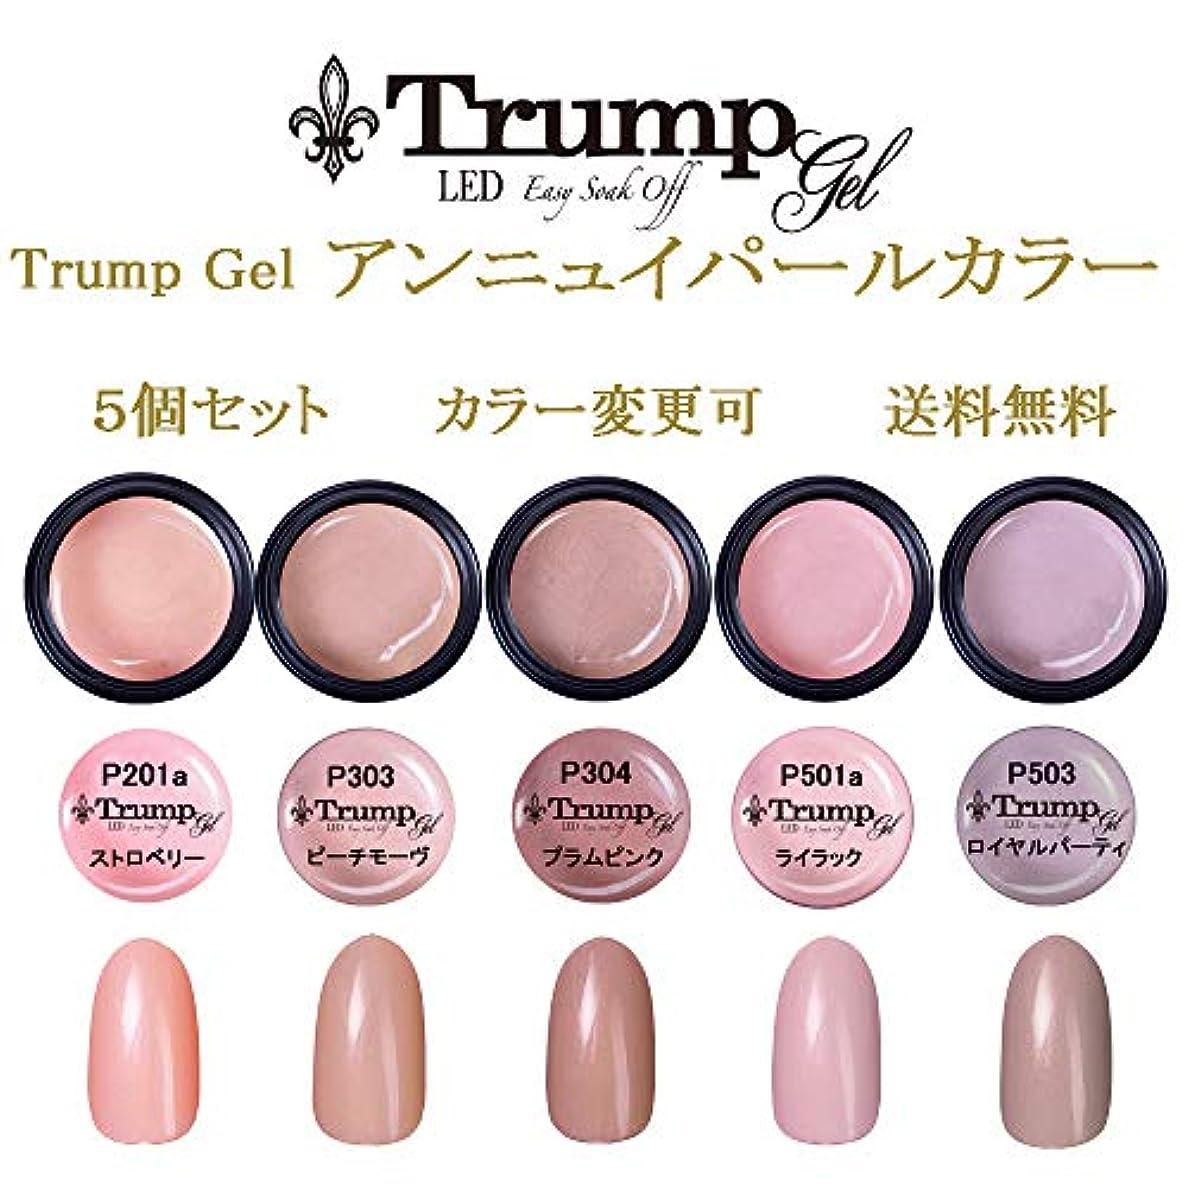 取り囲むセンターリットル日本製 Trump gel トランプジェル アンニュイ パール 選べる カラージェル 5個セット ピンク ベージュ パープル